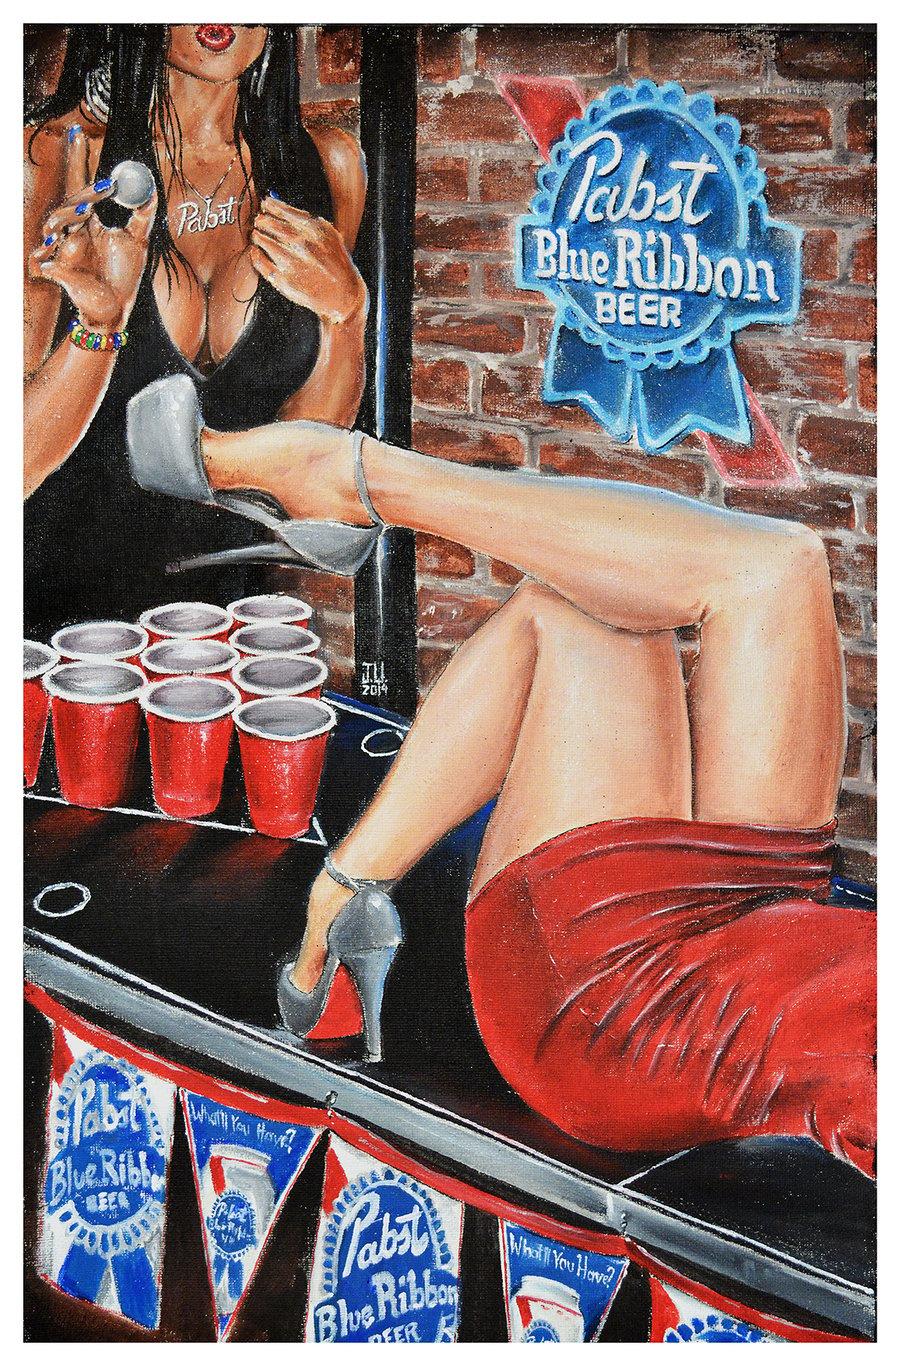 Image of JEREMY WORST PBR Beer Pong Original Artwork Signed Print